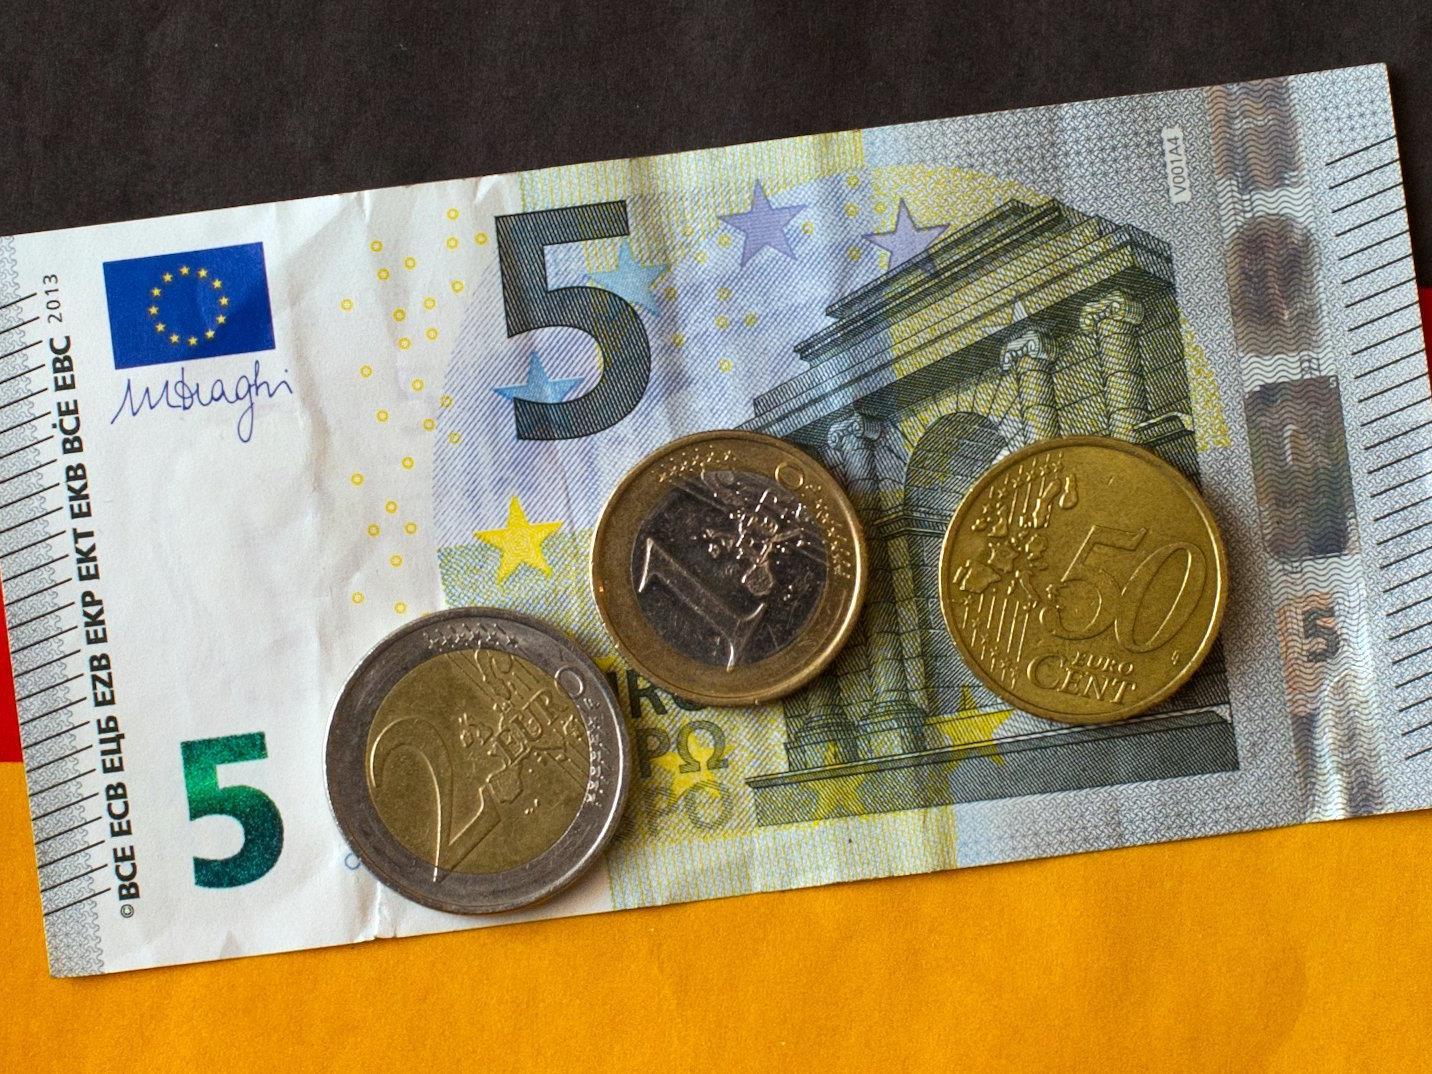 Der Mindestlohn beträgt in Deutschland 8,50 Euro/Stunde